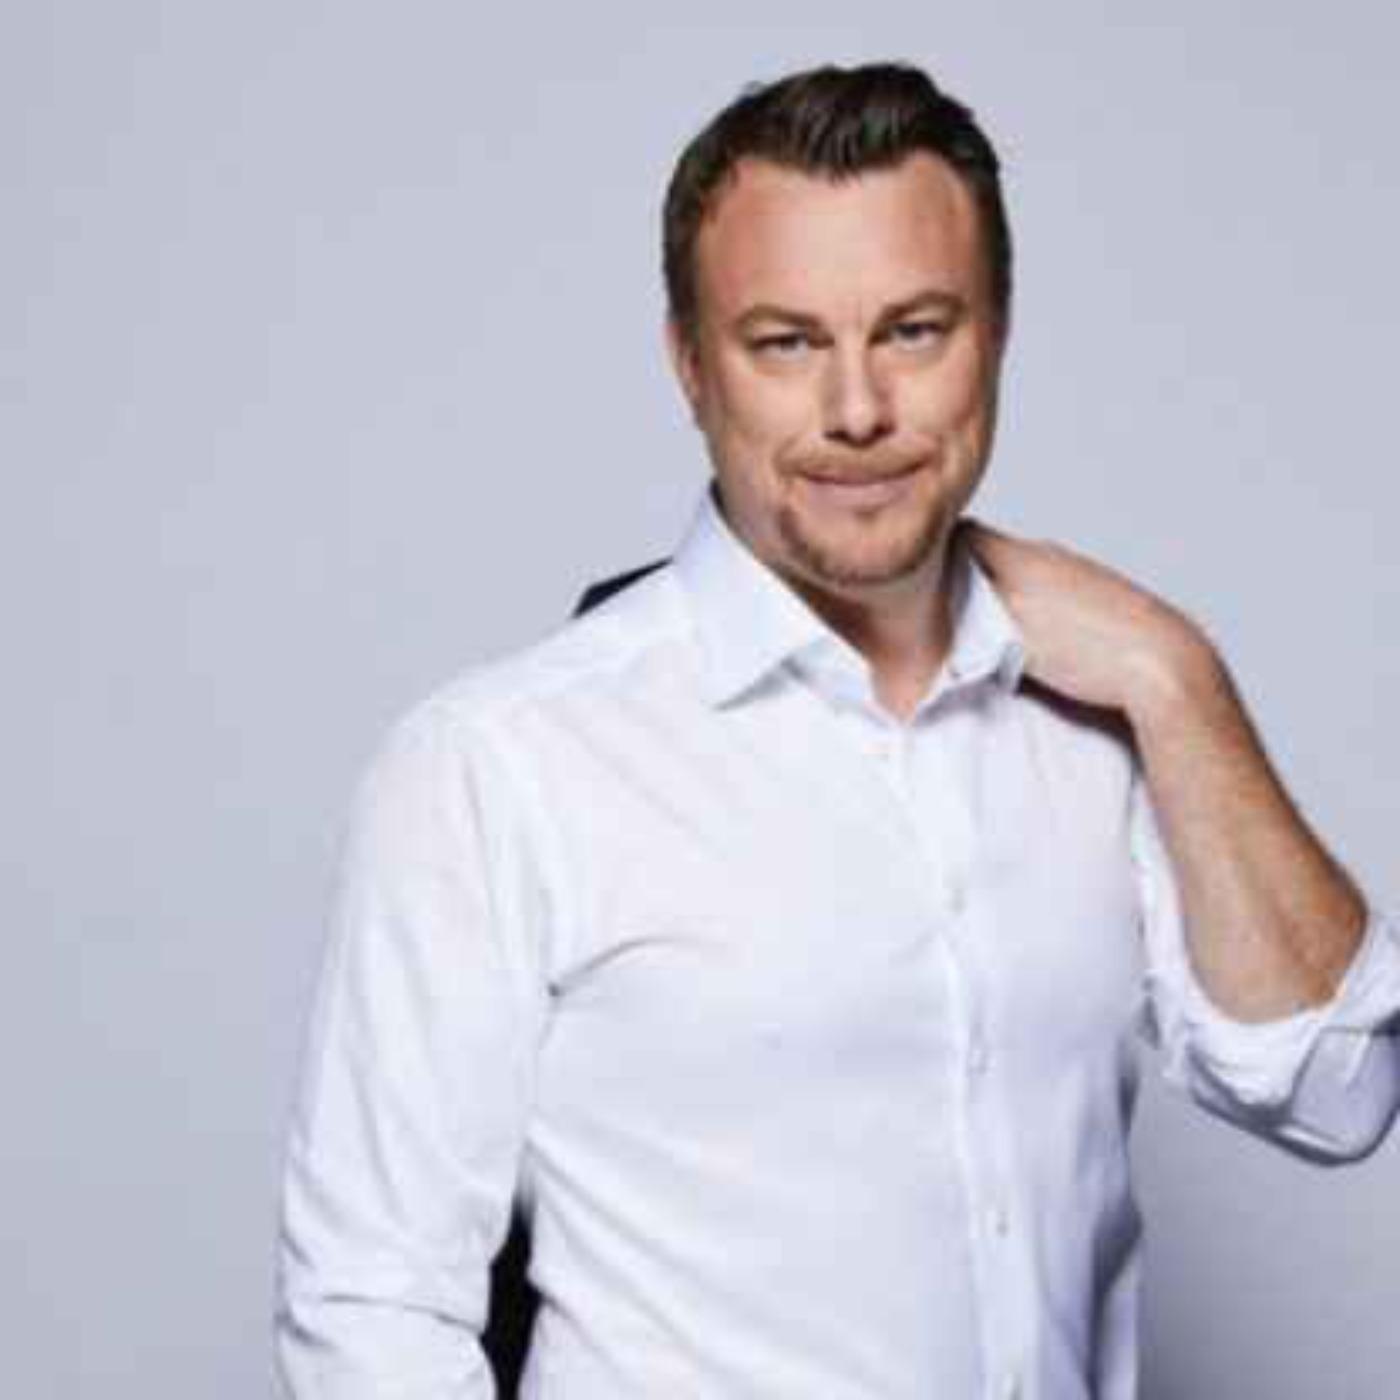 Jonas Karlsson - Sportjournalisten och krönikören som är aktuell som ankare för OS sändningarna